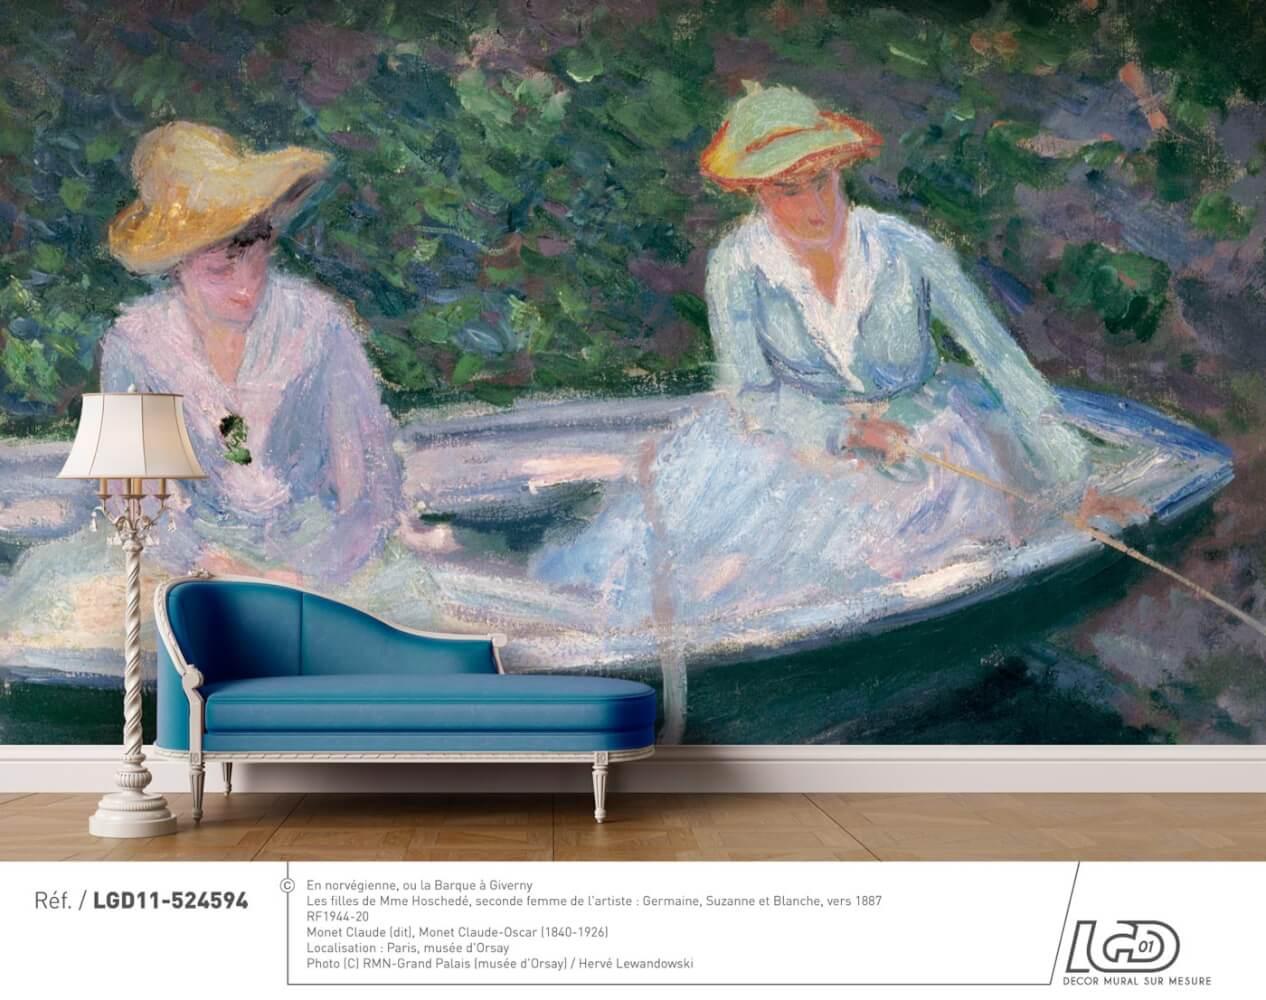 Collection de papier peint Multilés Réf. LGD-11-524594© par LGD01